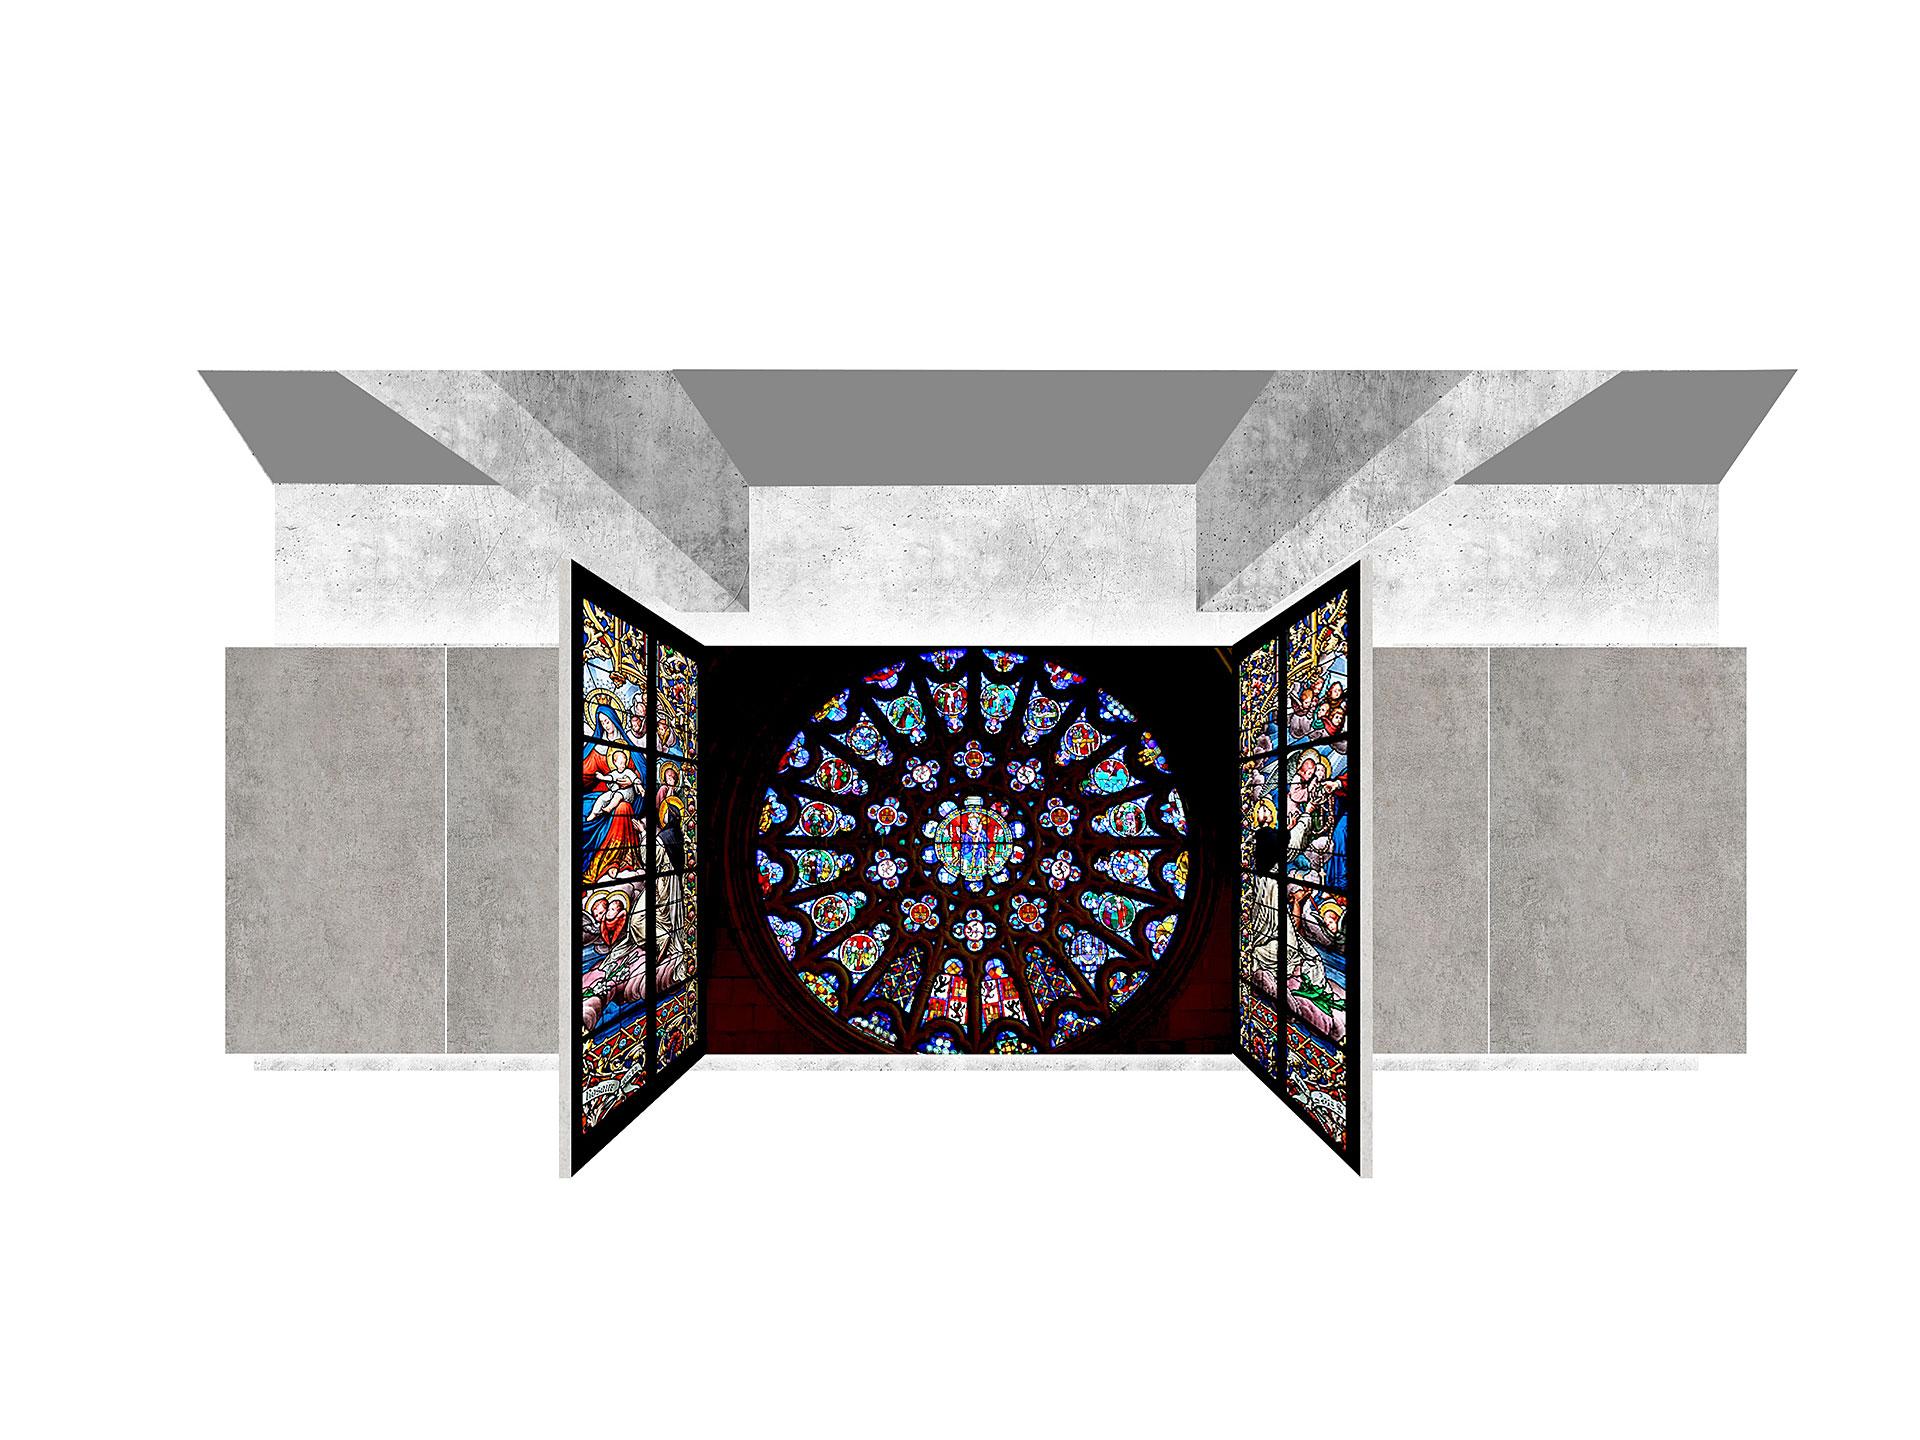 Centro de interpretación de las vidrieras